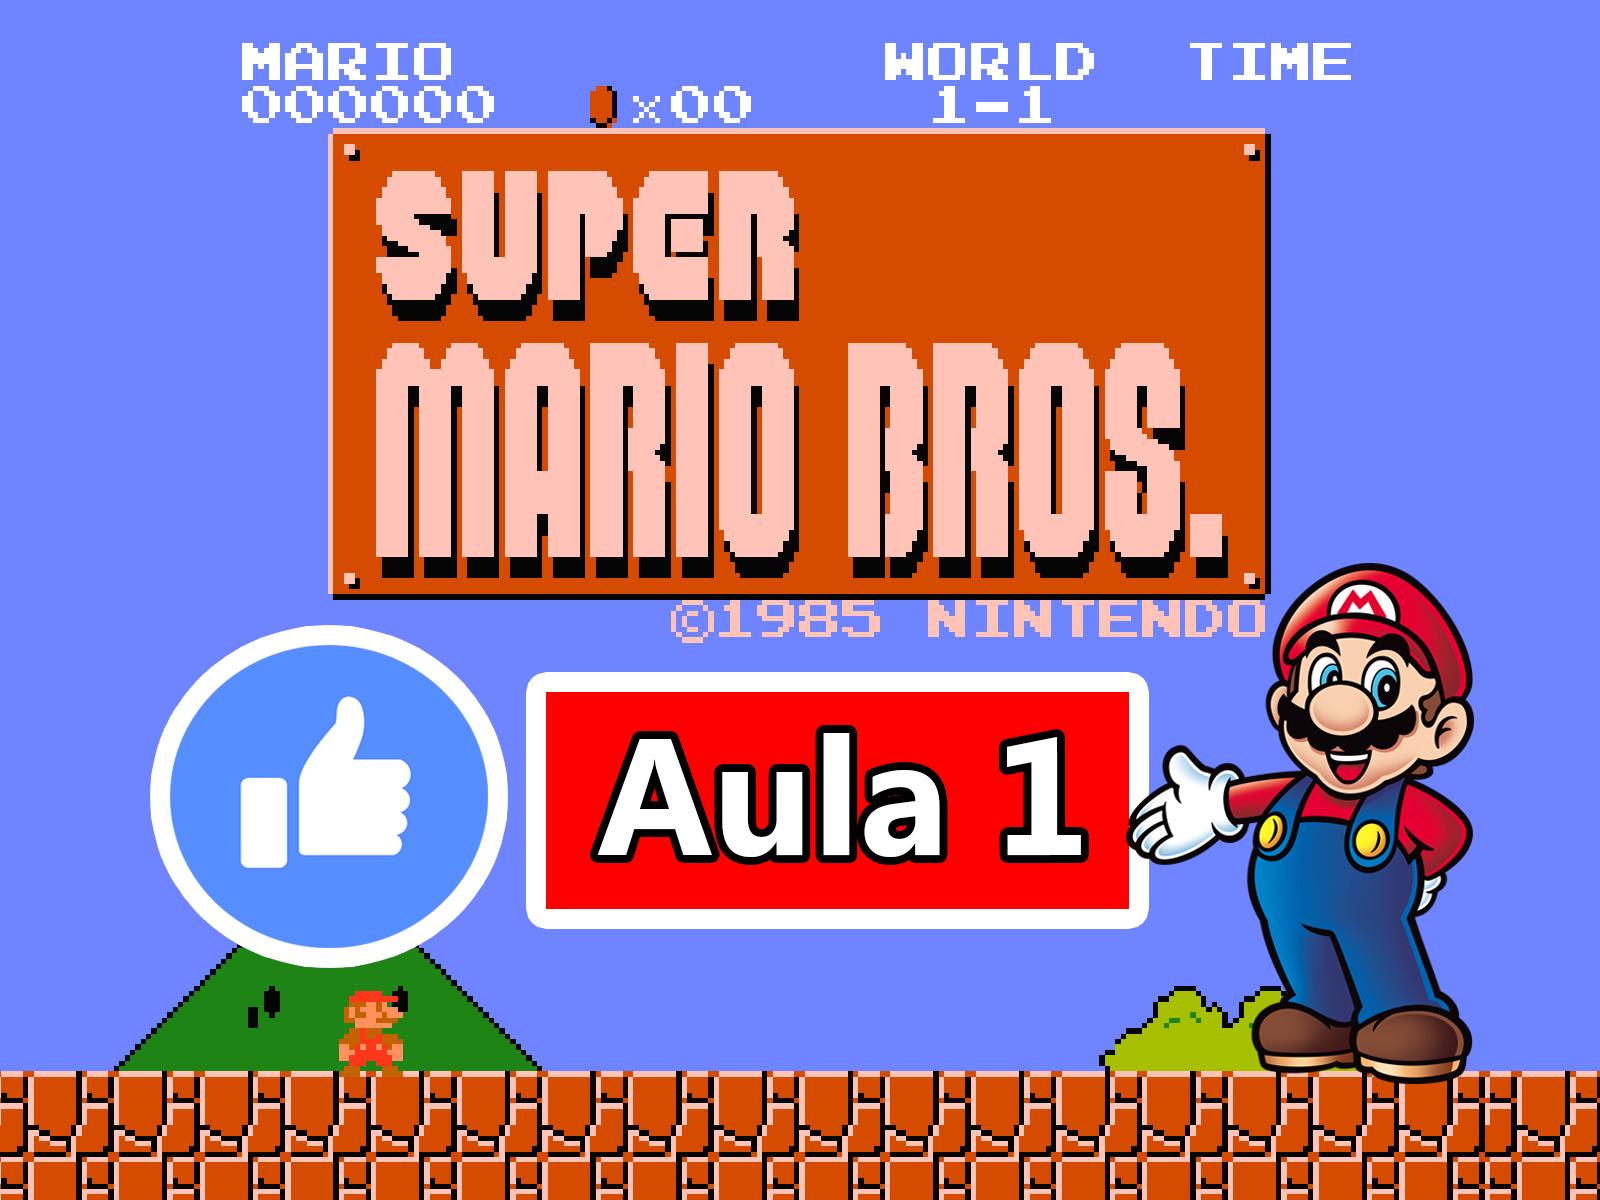 GameMaker – Criando o Jogo do Super Mario Bros #Aula1